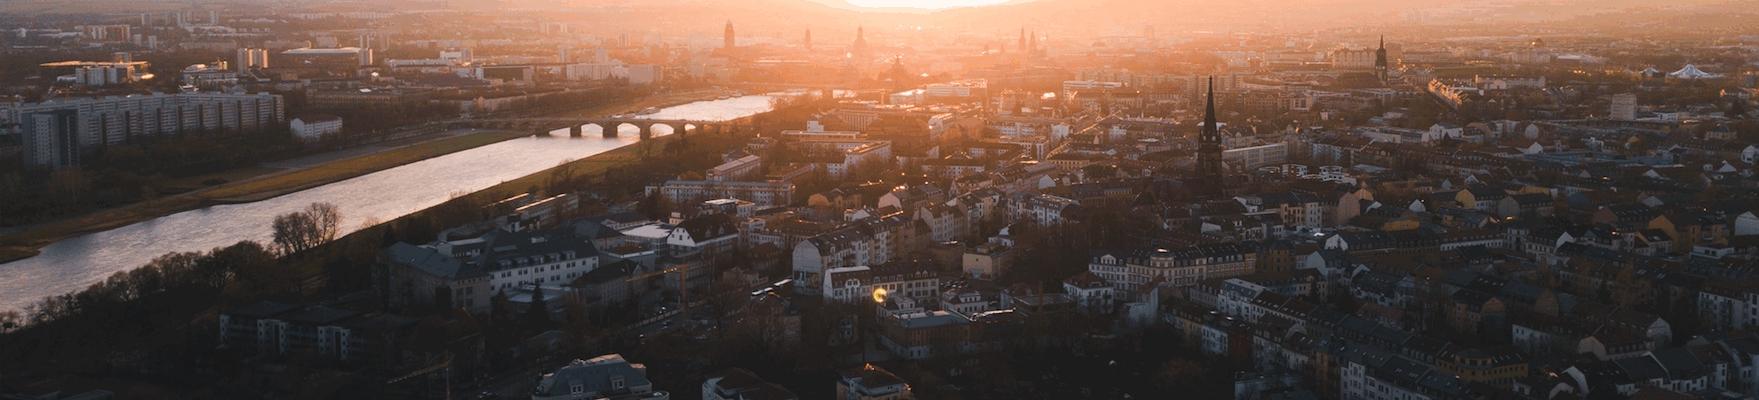 Lustige Stadtrundfahrt in sächischer Mundart Dresden 13.10.